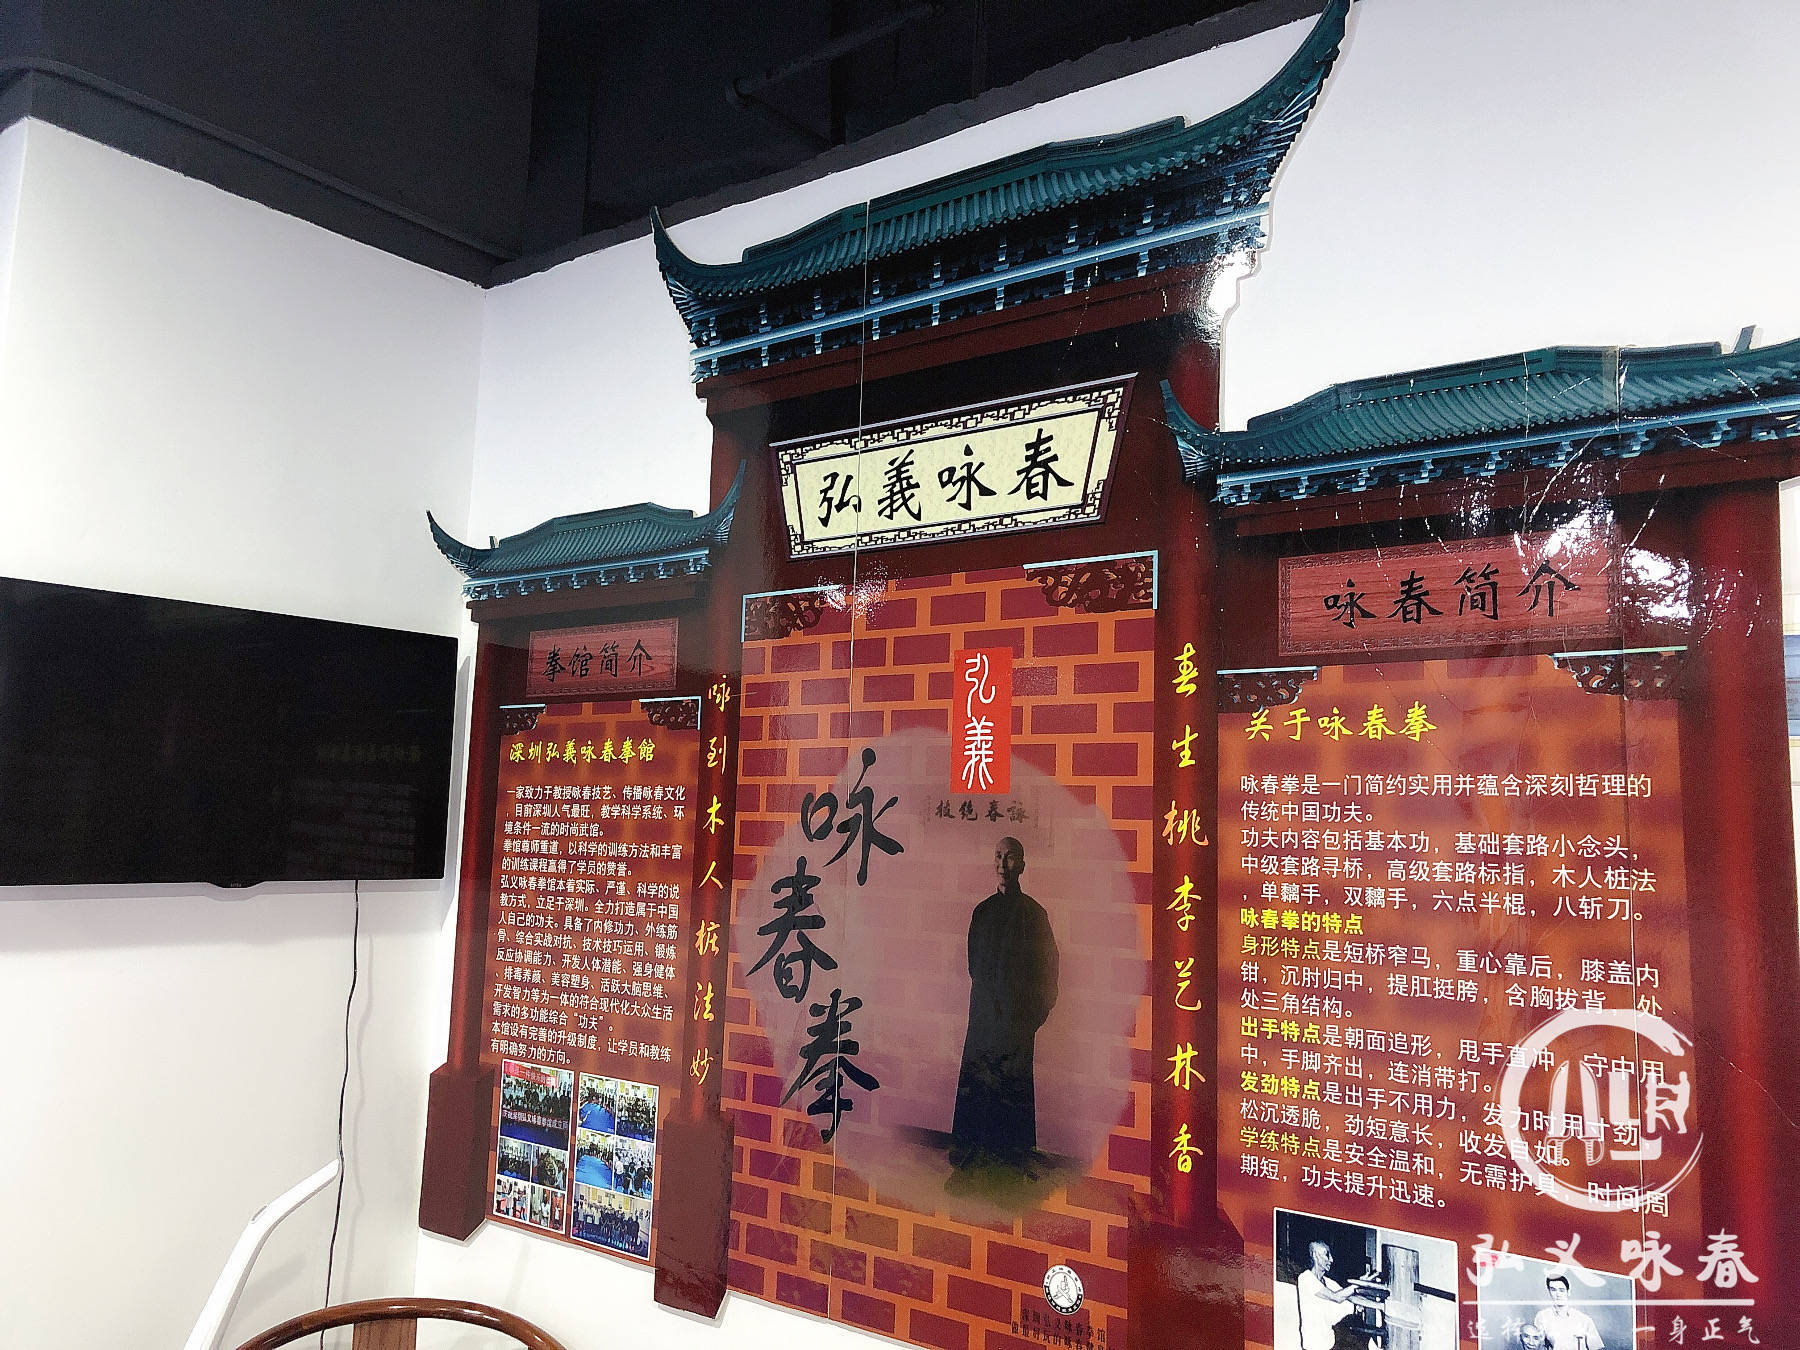 弘毅深圳(开放版)发展咏春拳可行性报告